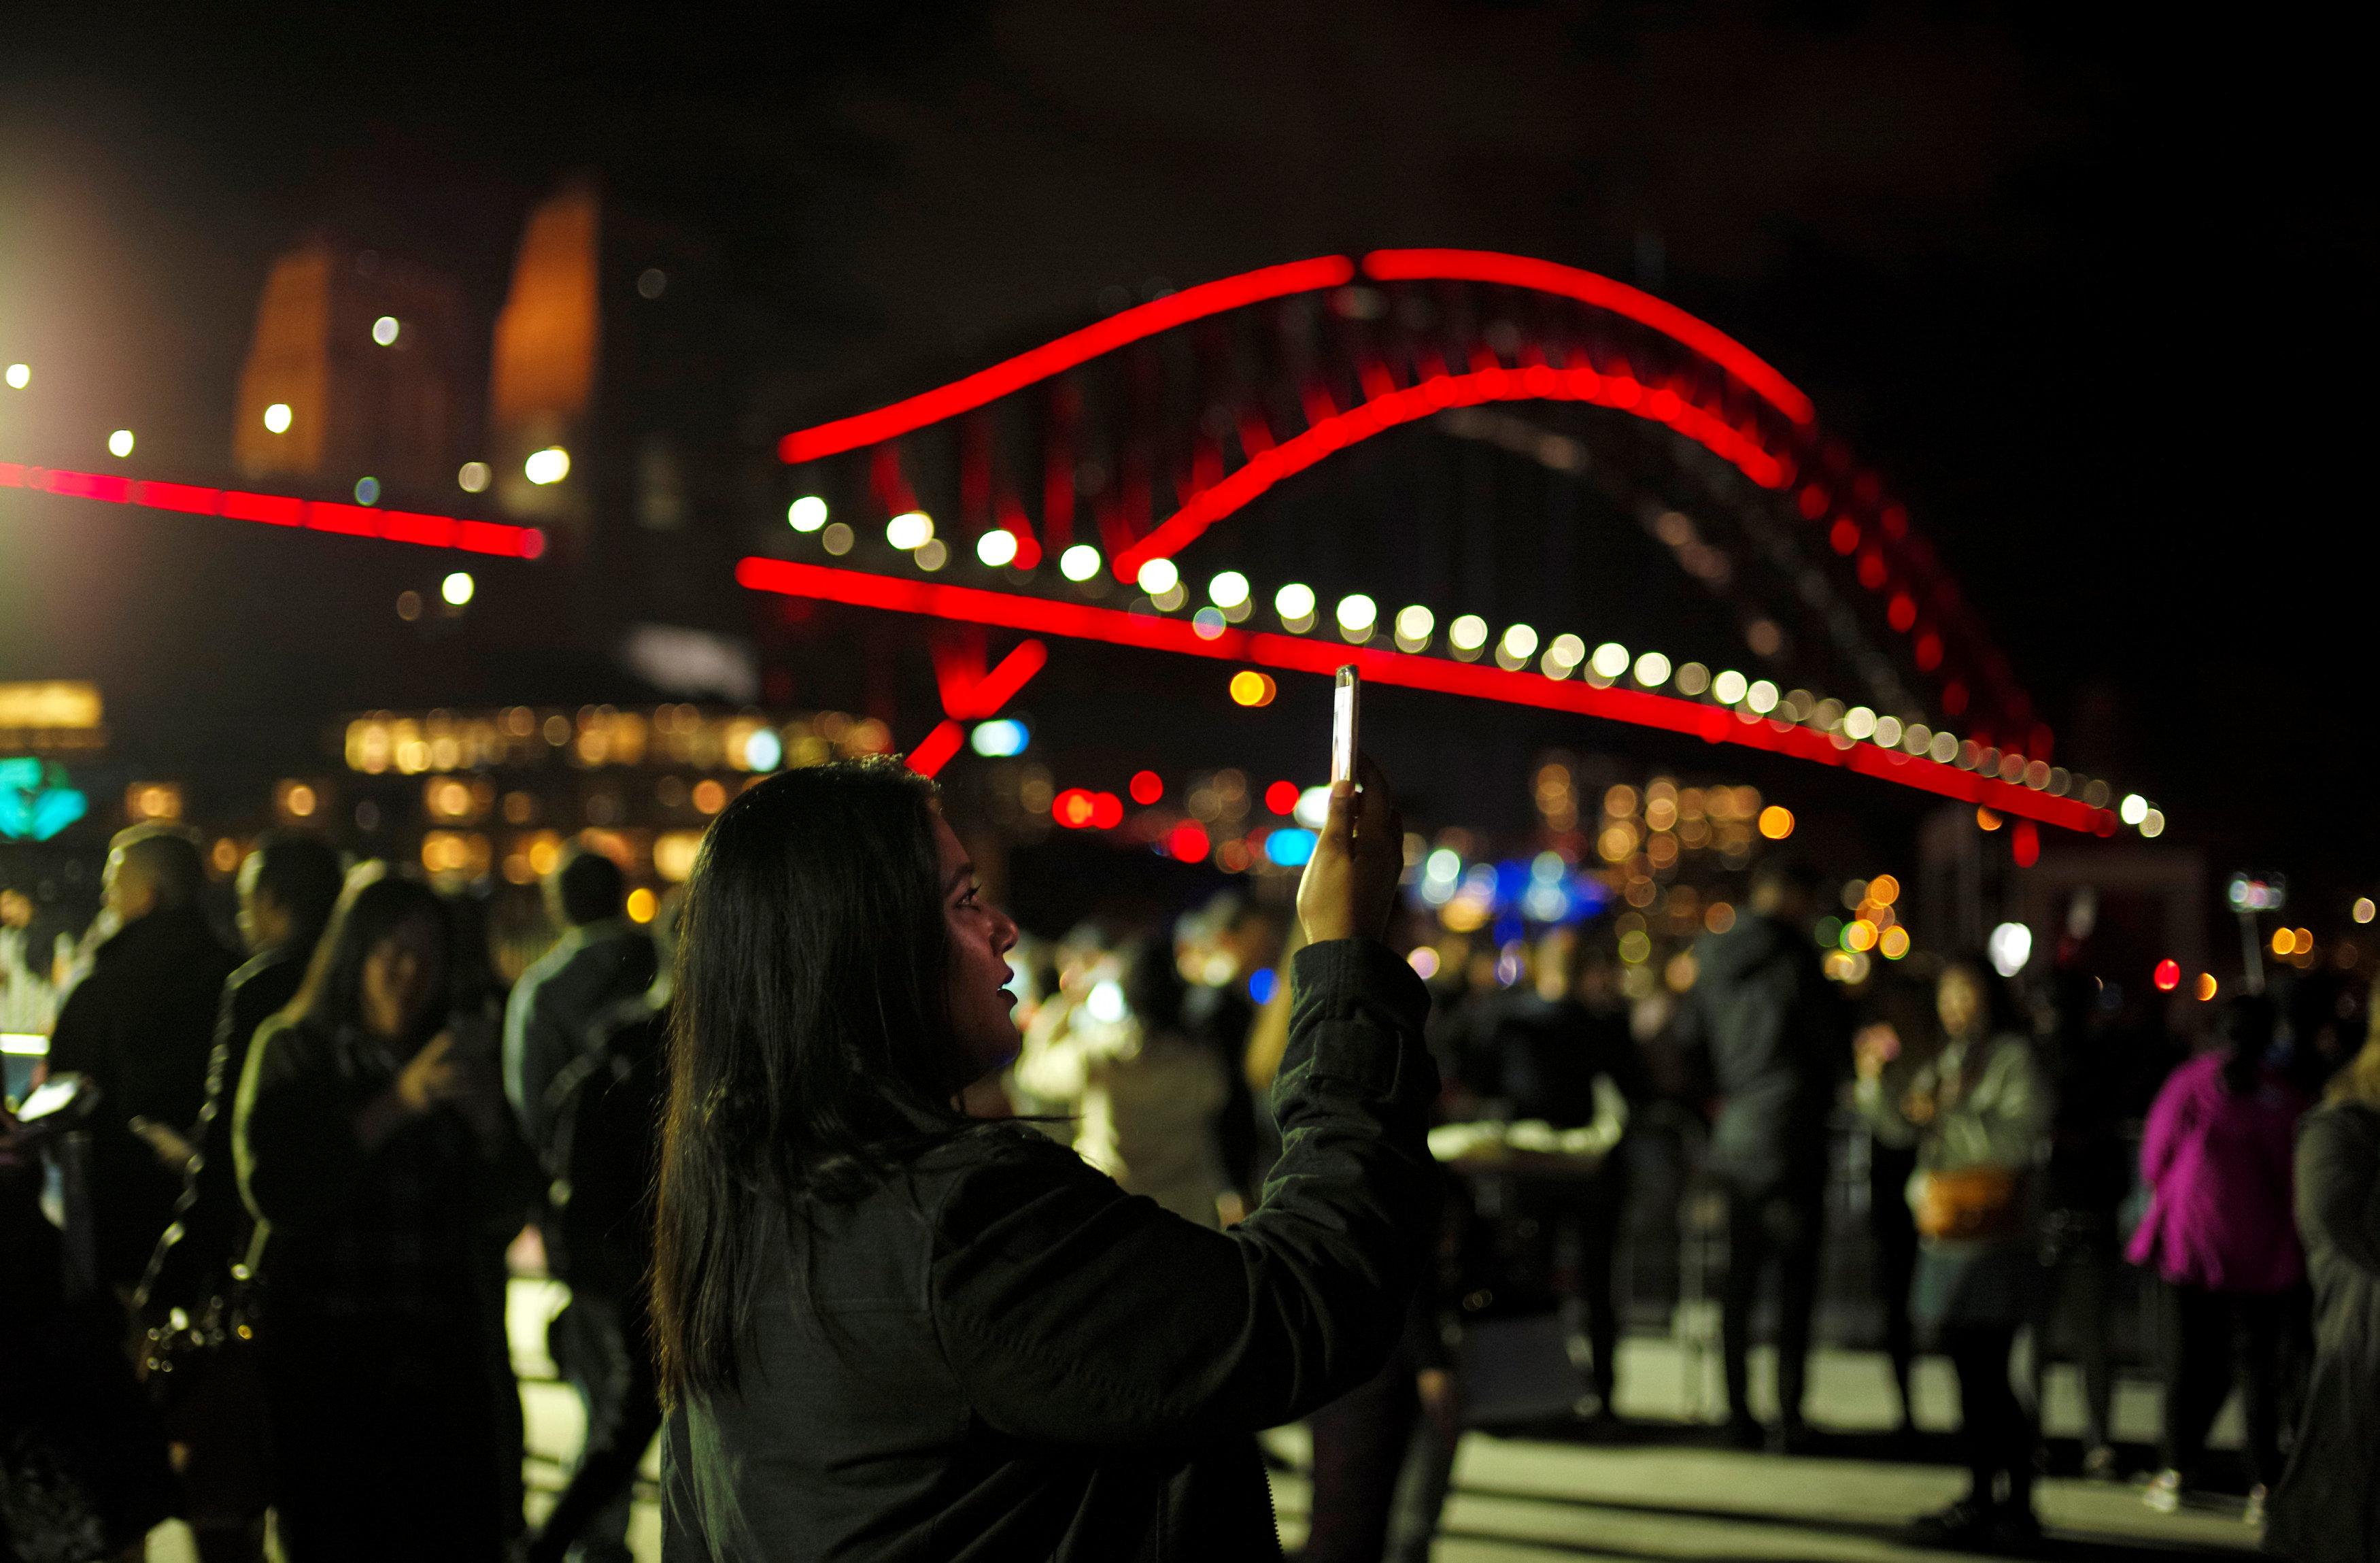 سيدة تلتقط صورة سيلفى خلال فعاليات مهرجان سيدنى